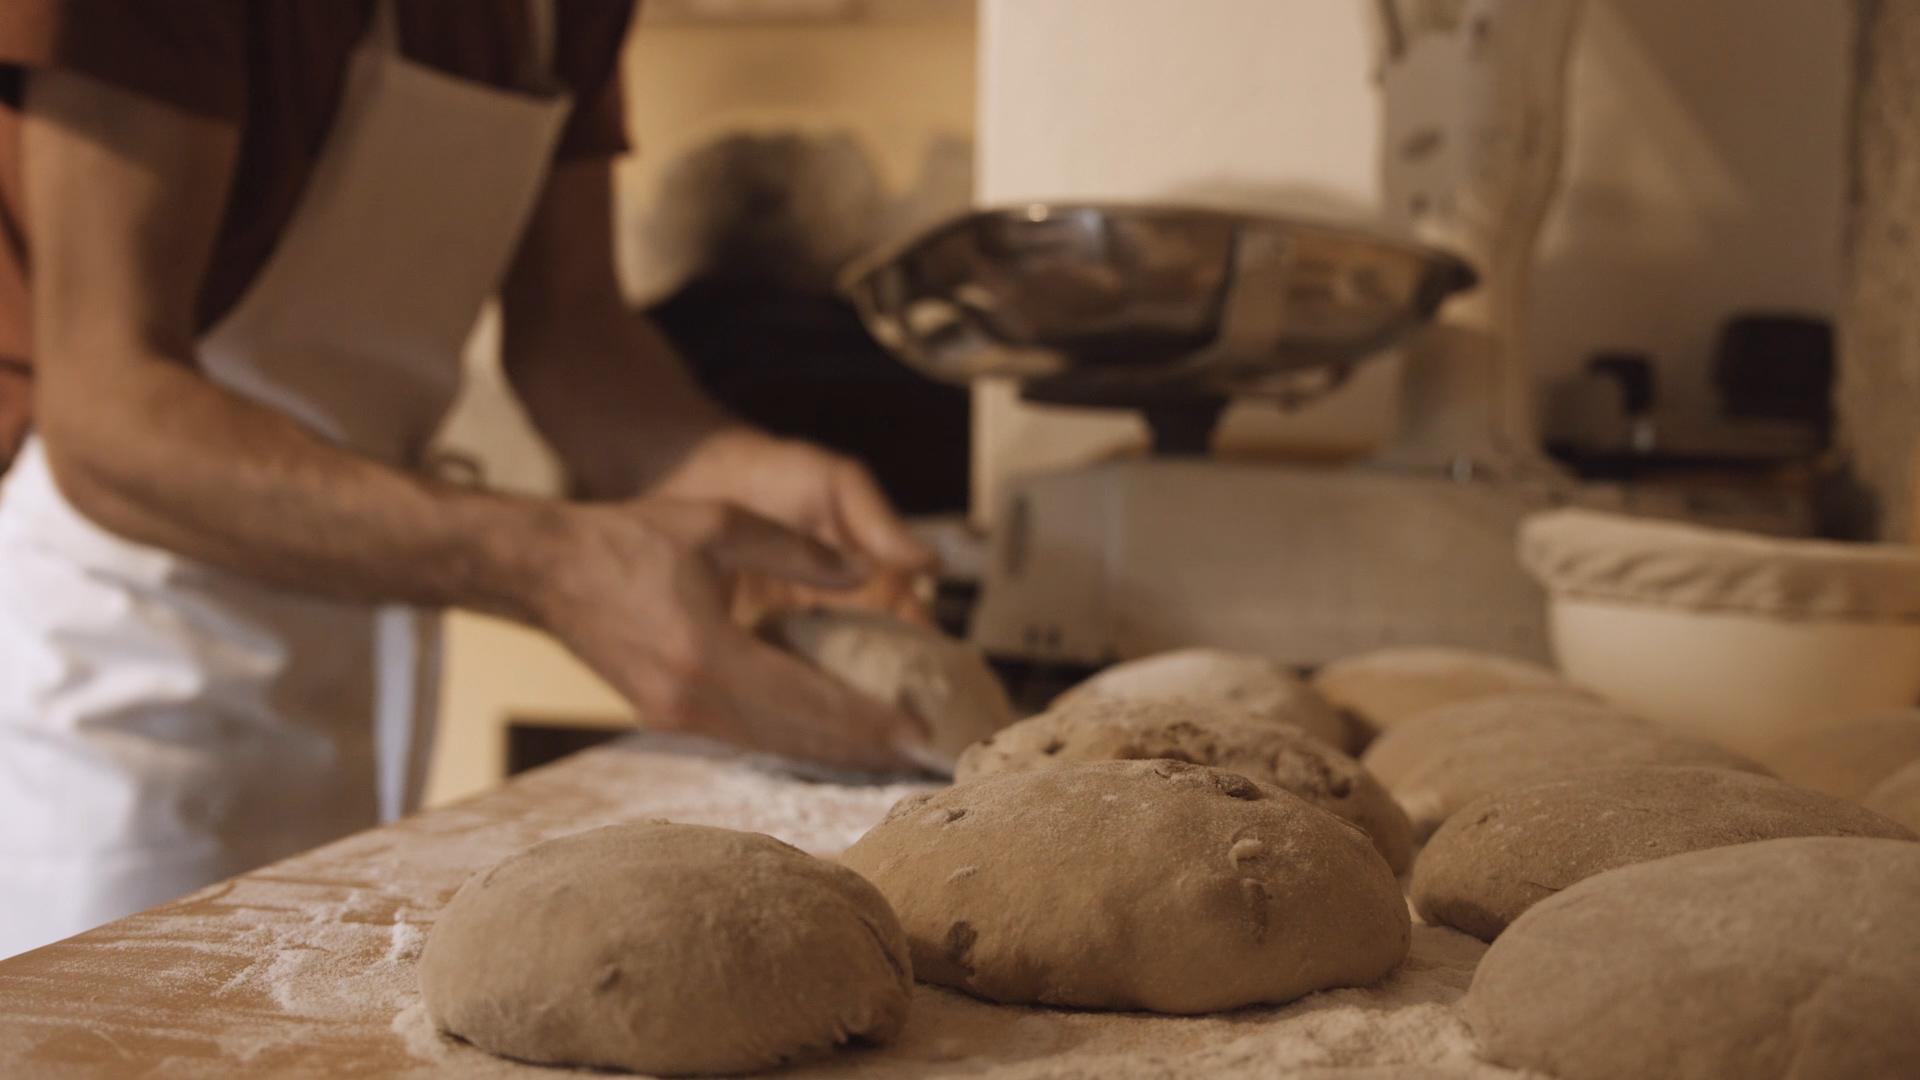 Les pains enchantés - Réalisation Mathias RochAnnée 2019Durée 5:13Film institutionnel du boulanger Yann André.